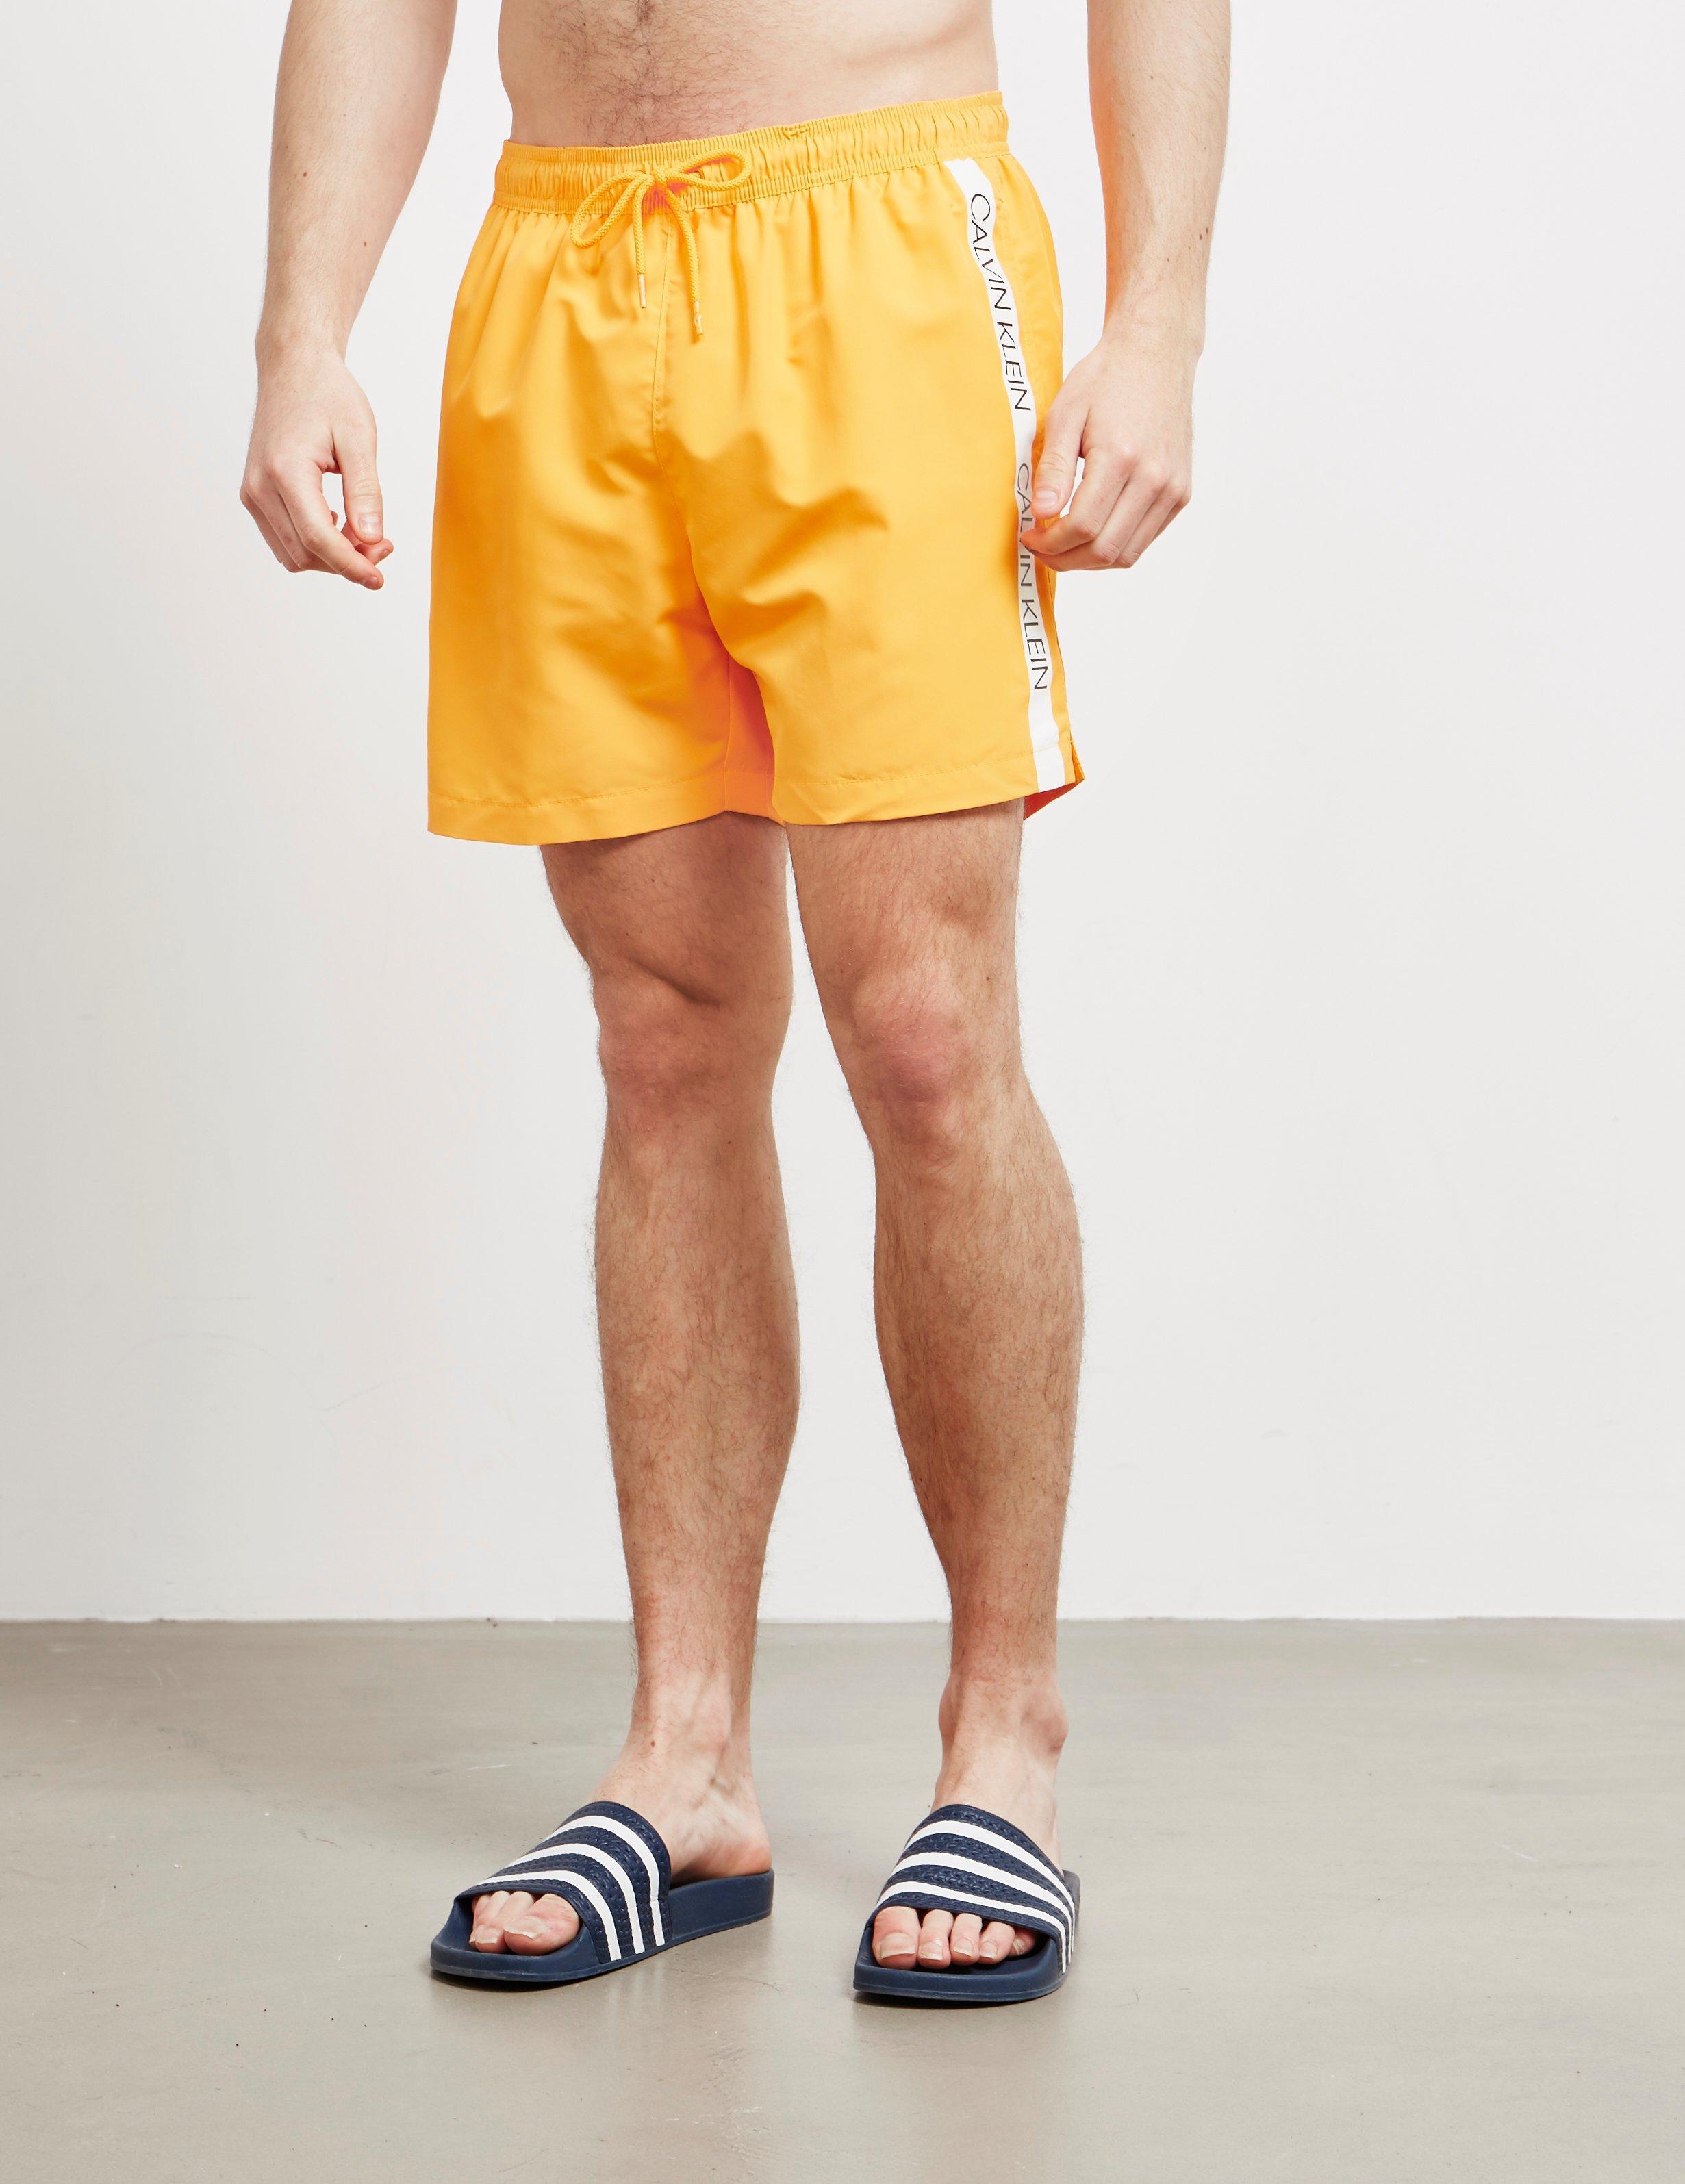 e03cd0f1483 Calvin Klein - Tape Swim Shorts Orange for Men - Lyst. View fullscreen